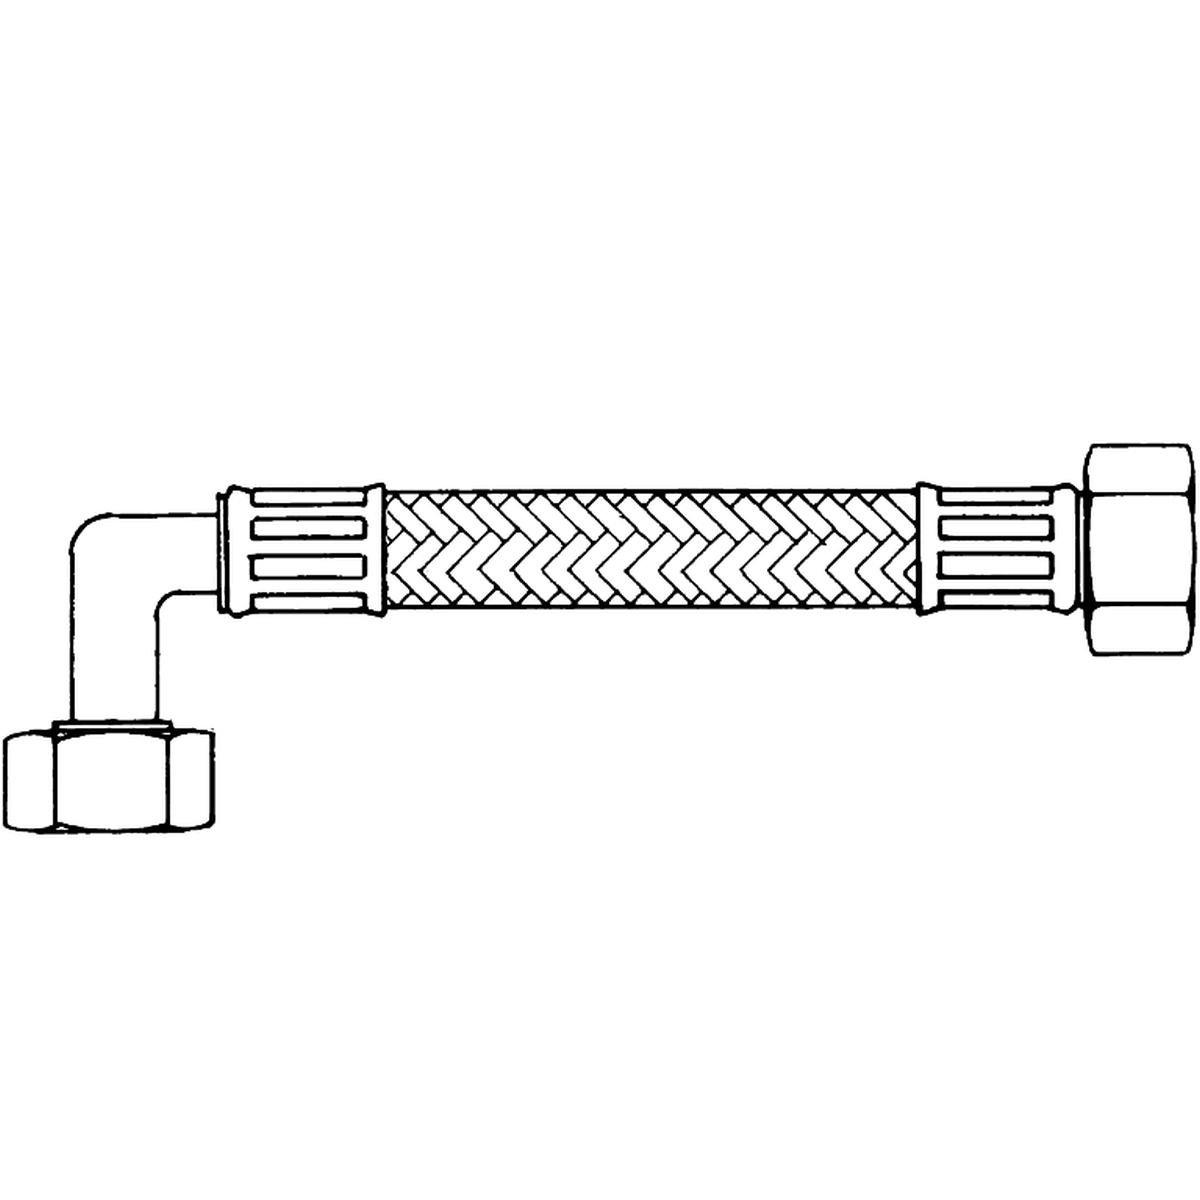 """Inloppsslang stålarmerad 2,5 meter 3/4"""" rak/vinkel"""